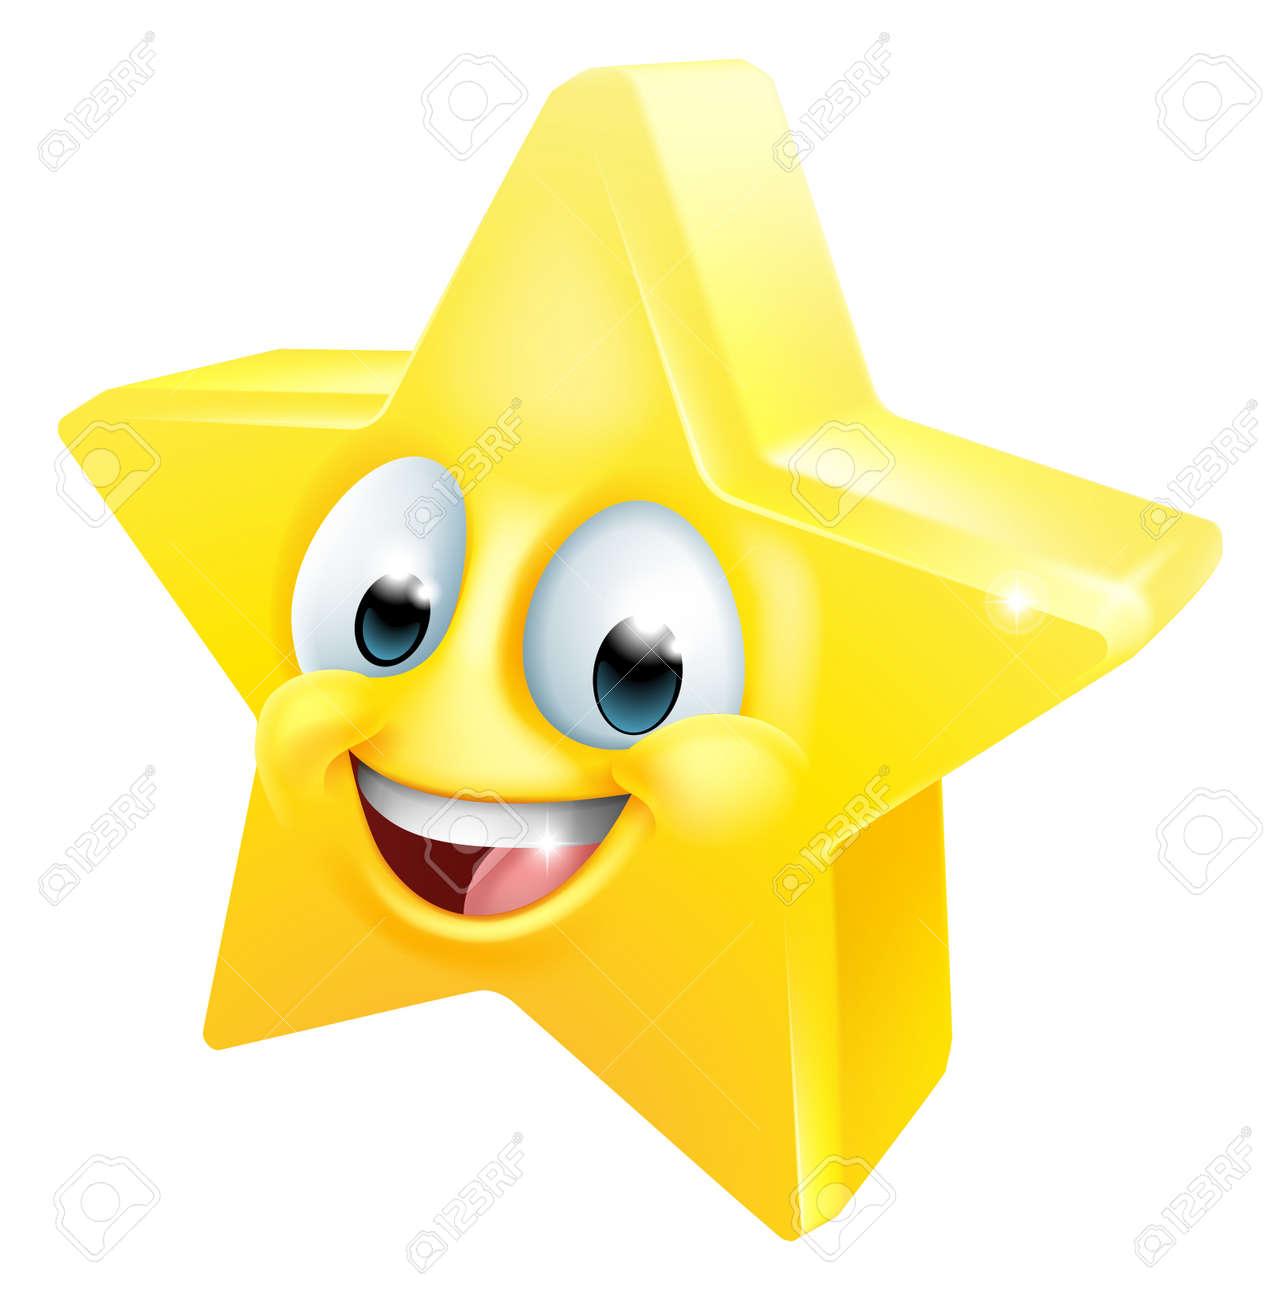 Star Happy Emoticon Cartoon Face - 168171491